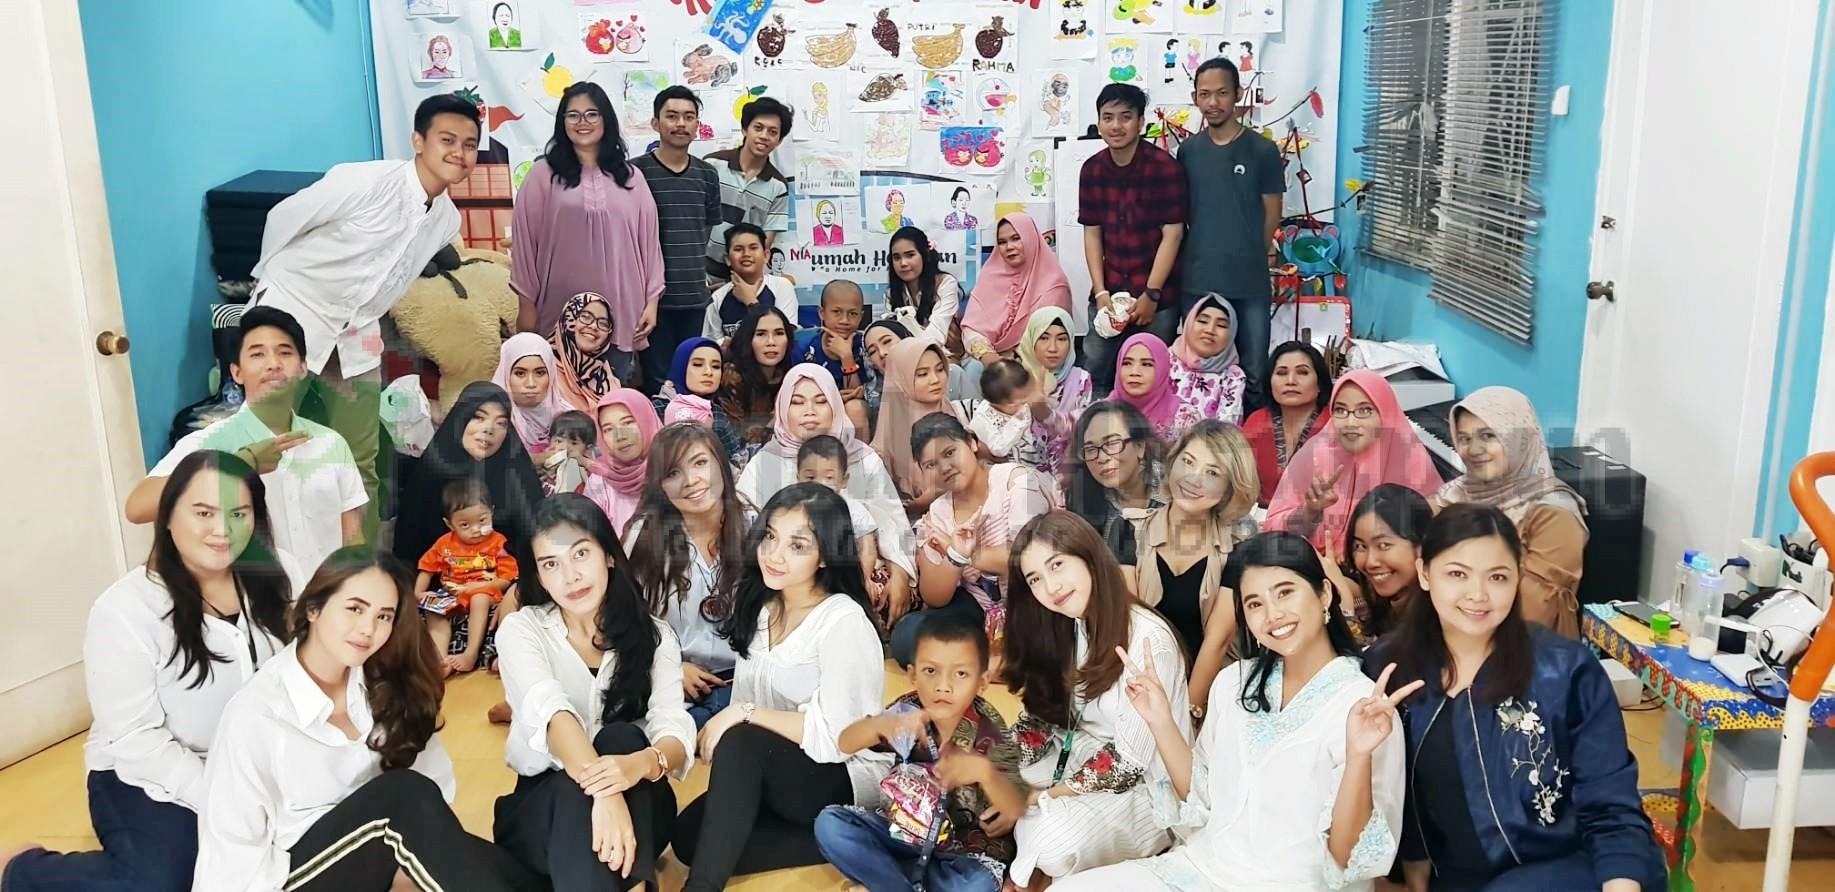 Mecapan Manfaatkan Perawatan Kecantikan untuk Berbagi Kasih Bersama Rumah Harapan Indonesia